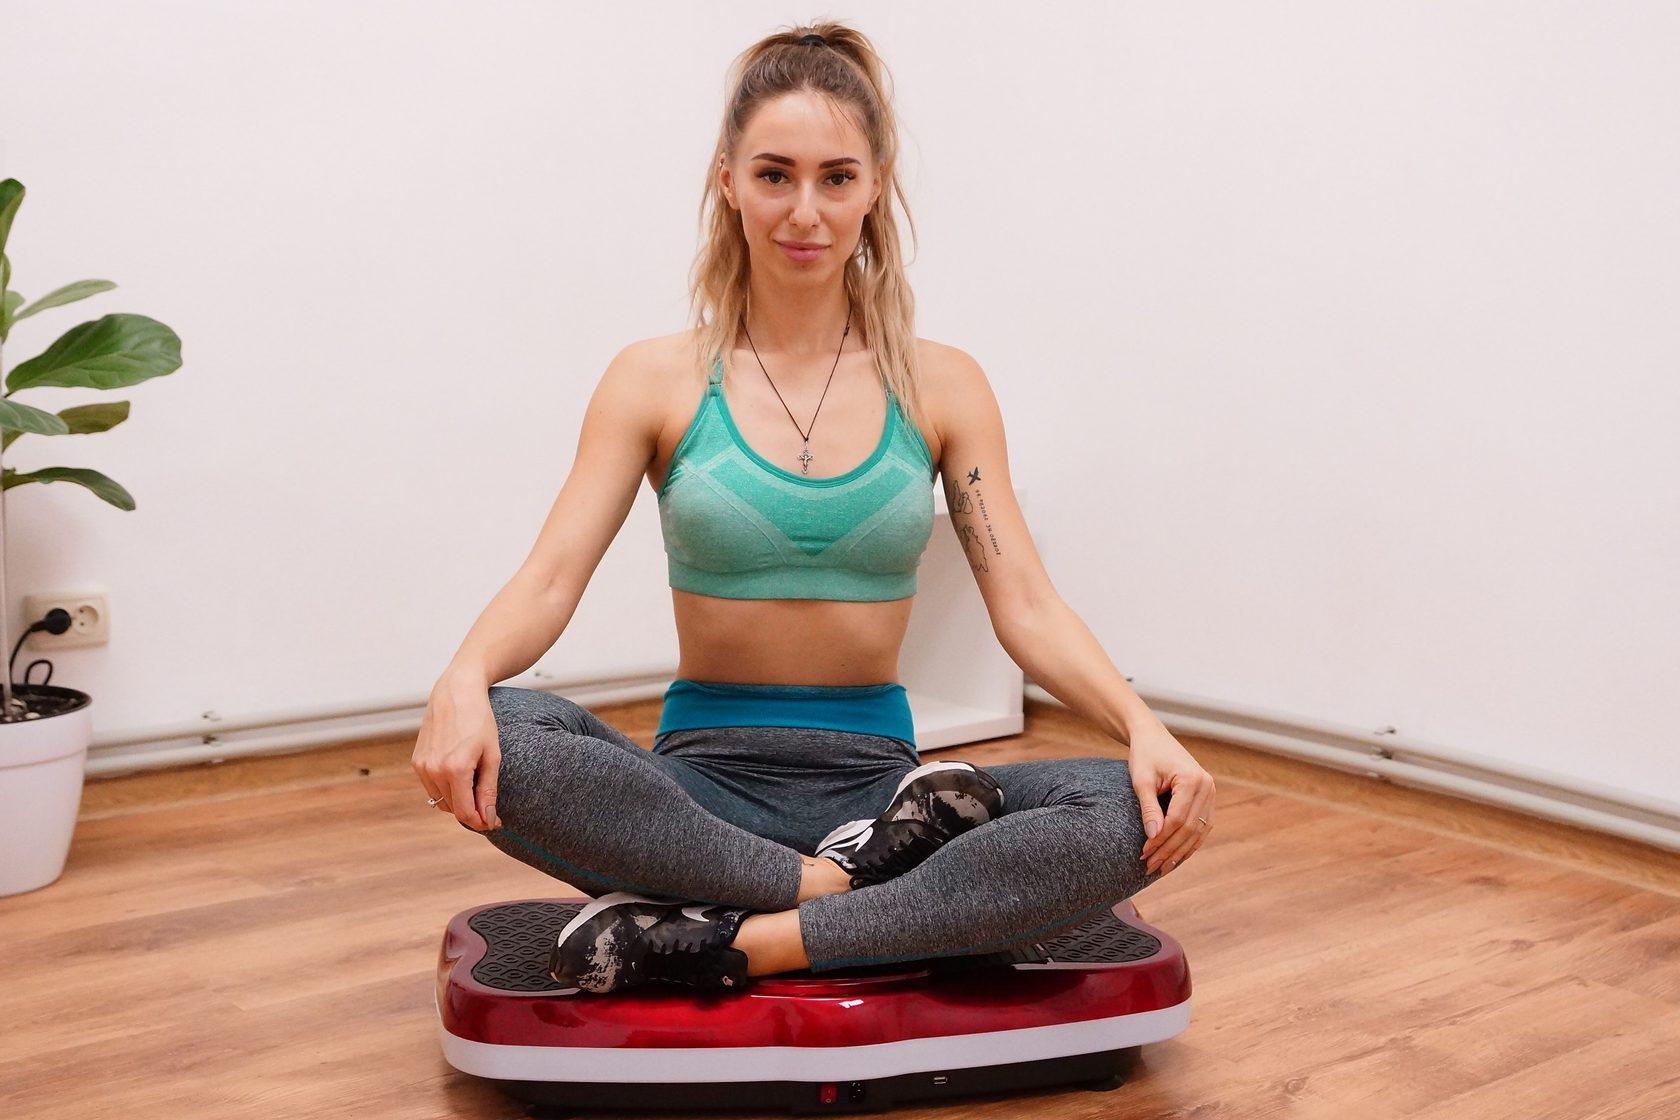 Виброплатформа для похудения: польза, упражнения, польза и вред